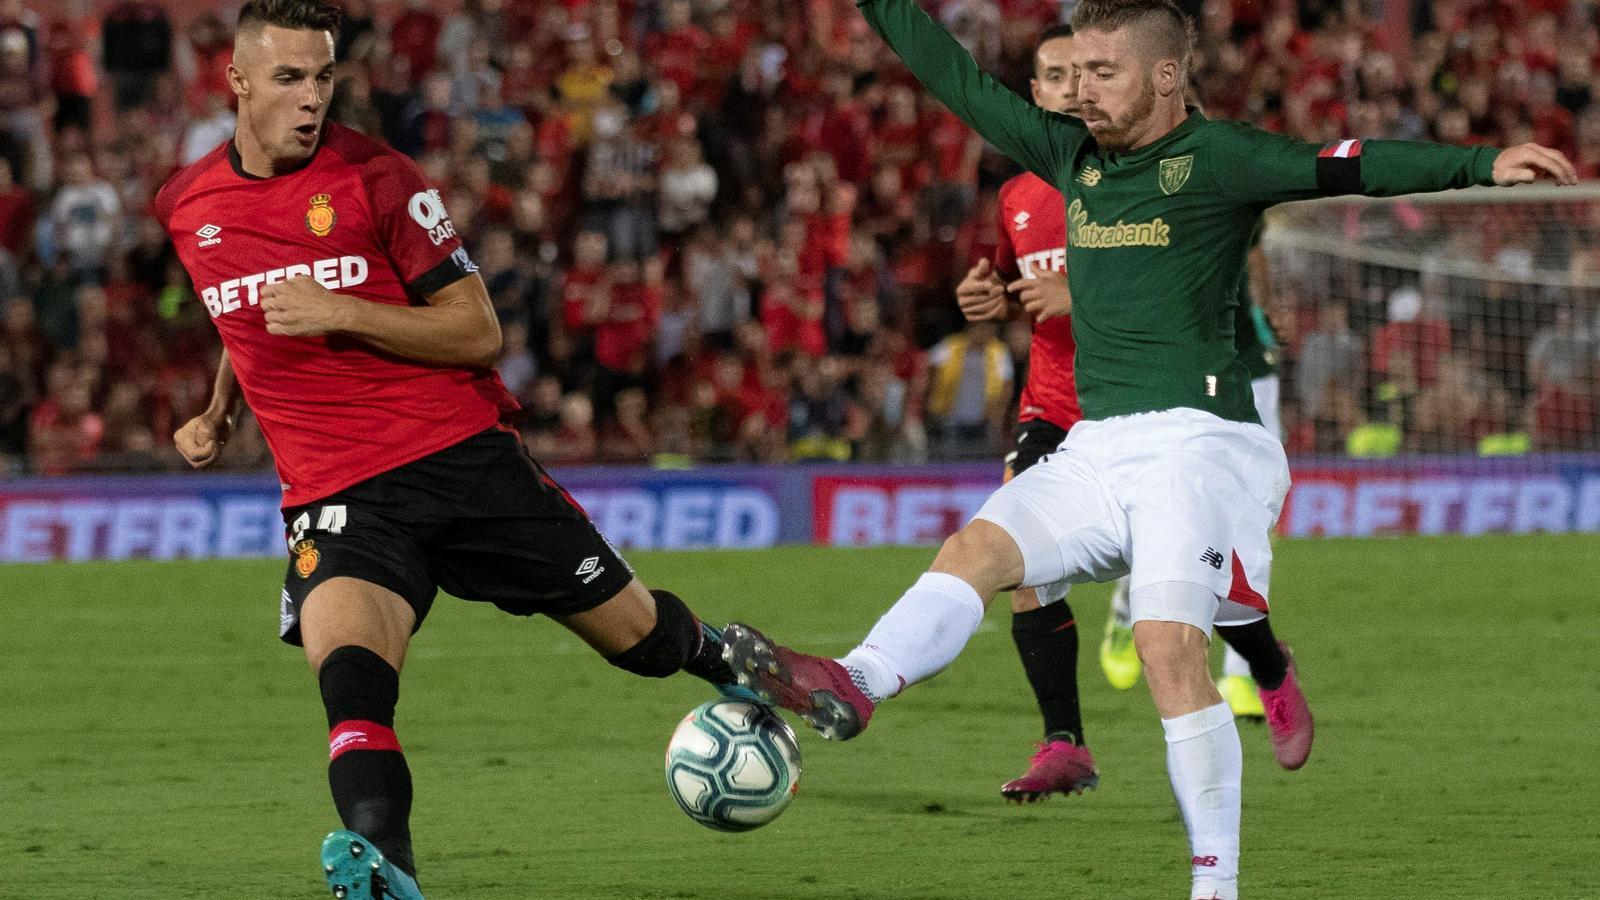 El Mallorca i l'Athletic es reparteixen els punts i els penals fallats